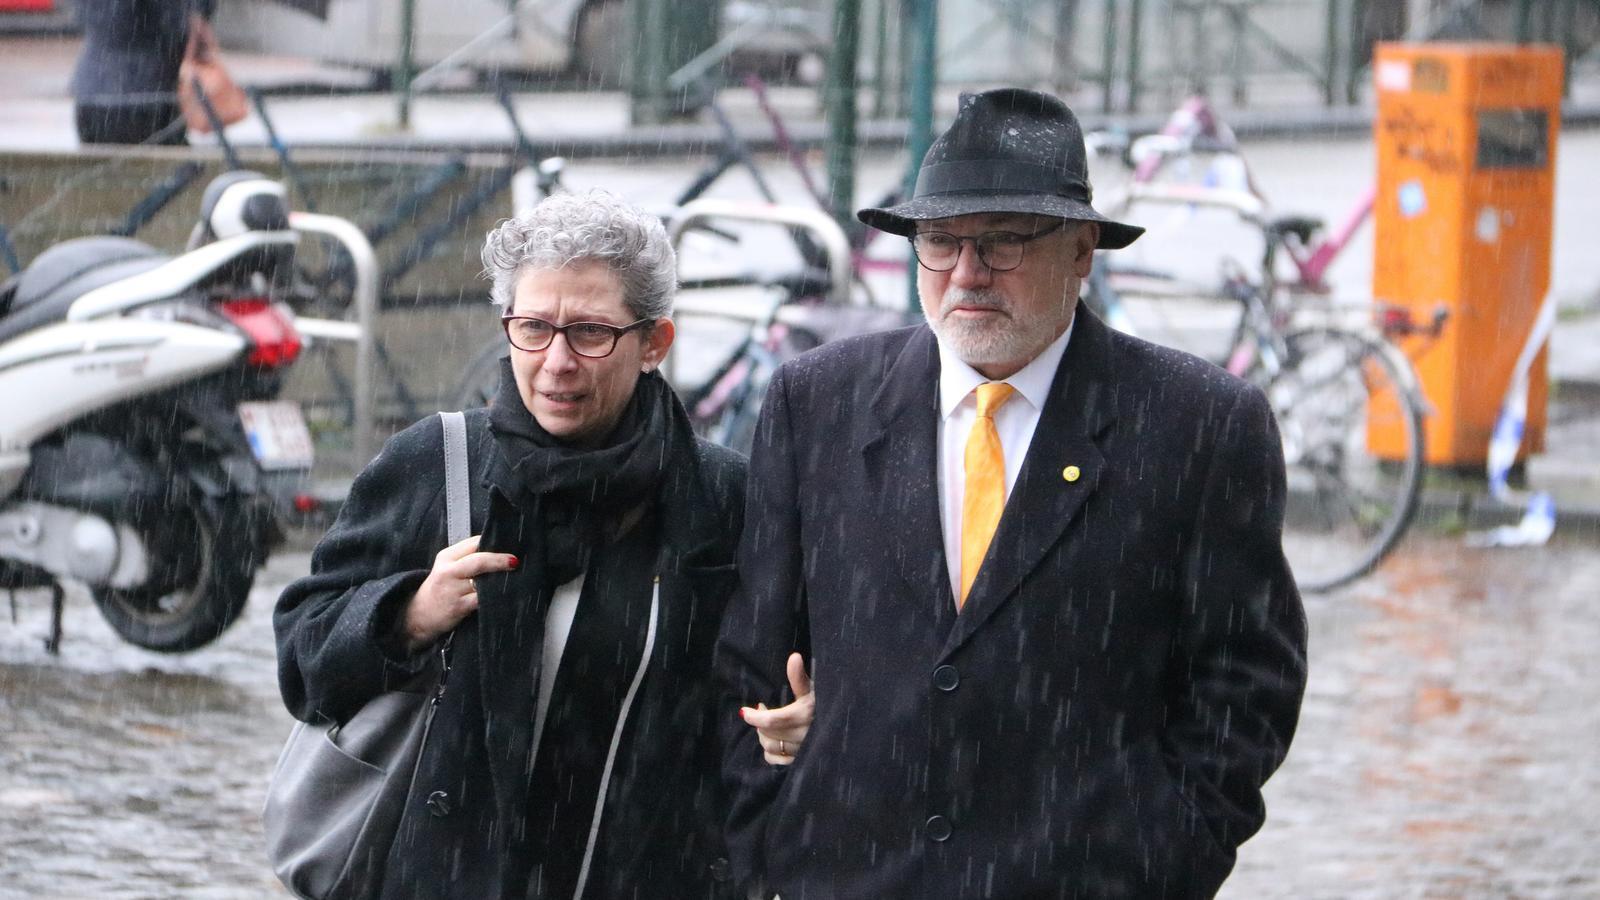 L'exconseller Lluís Puig arriba al Palau de Justícia de Brussel·les acompanyat per la seva dona per afrontar la tercera euroordre pel cas de l'1-O, el 24 de febrer del 2020.